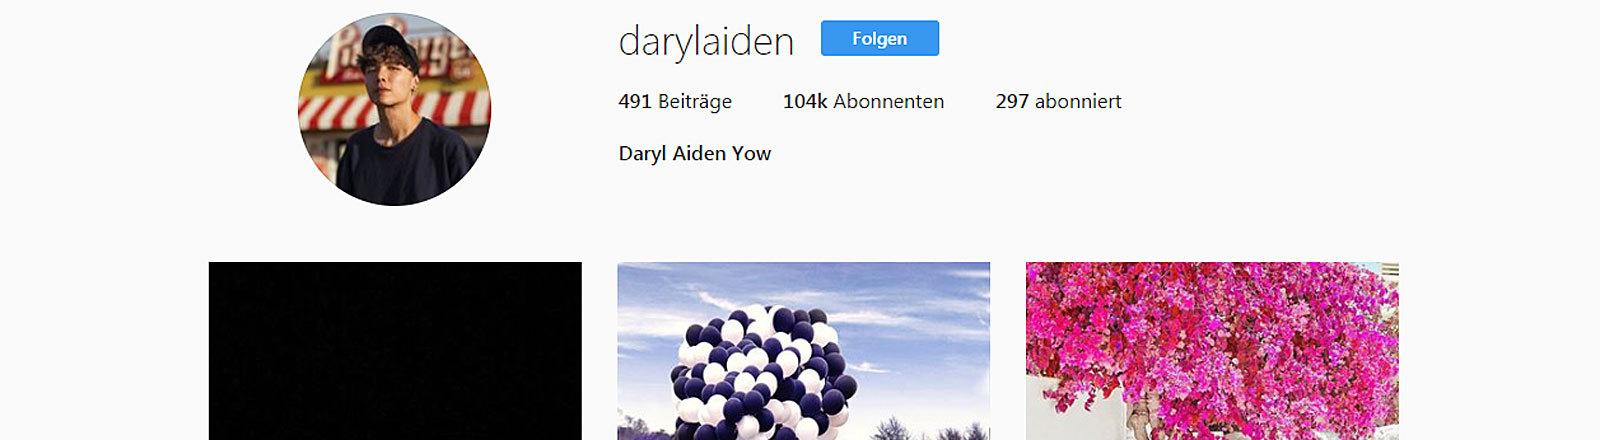 Screenshot des Instagramaccounts von Daryl Aiden Yow